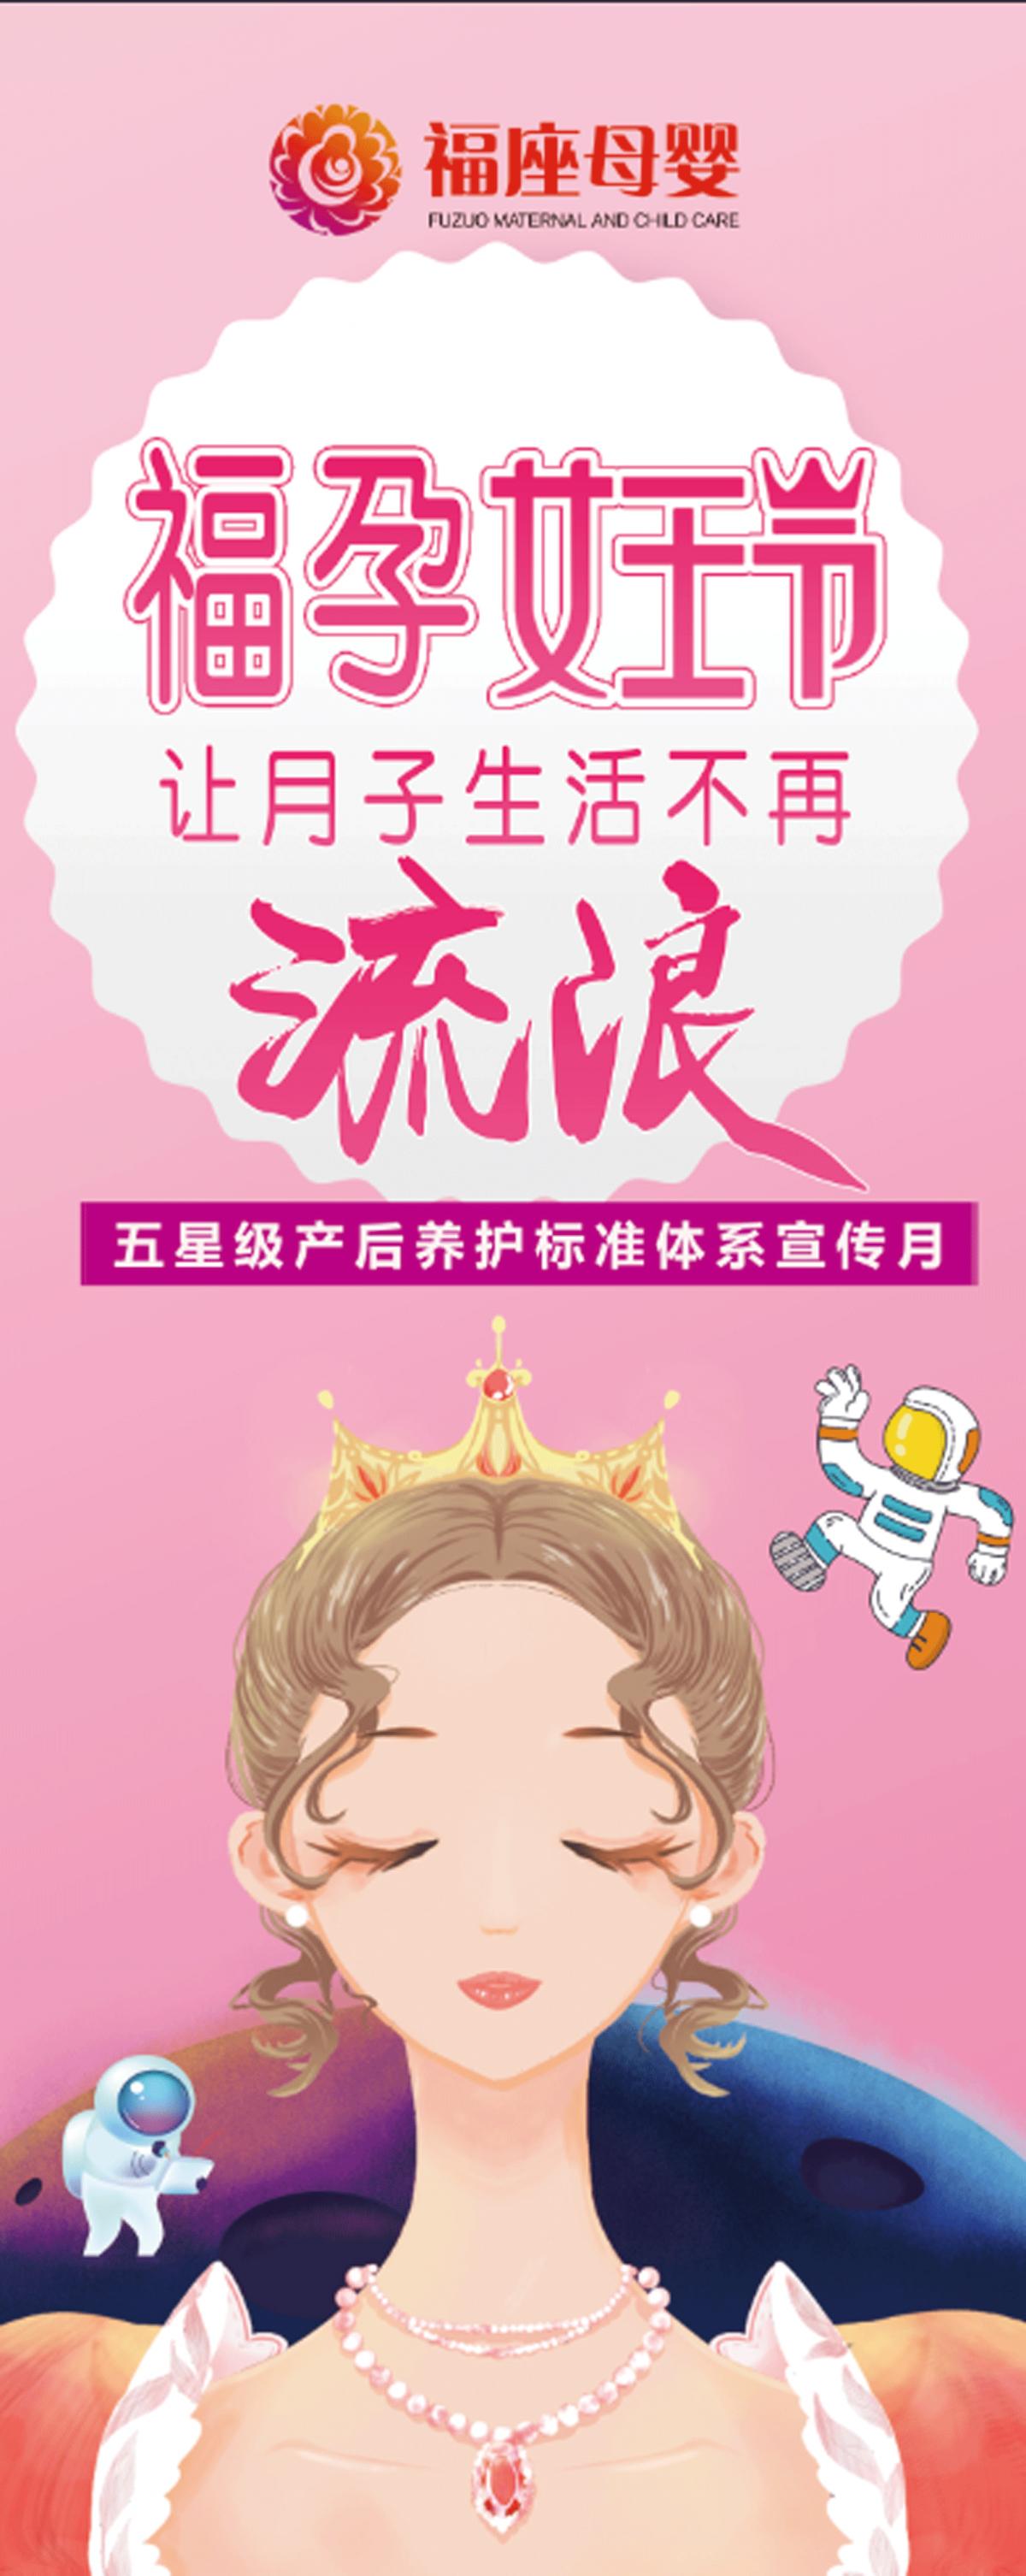 女王节海报.png